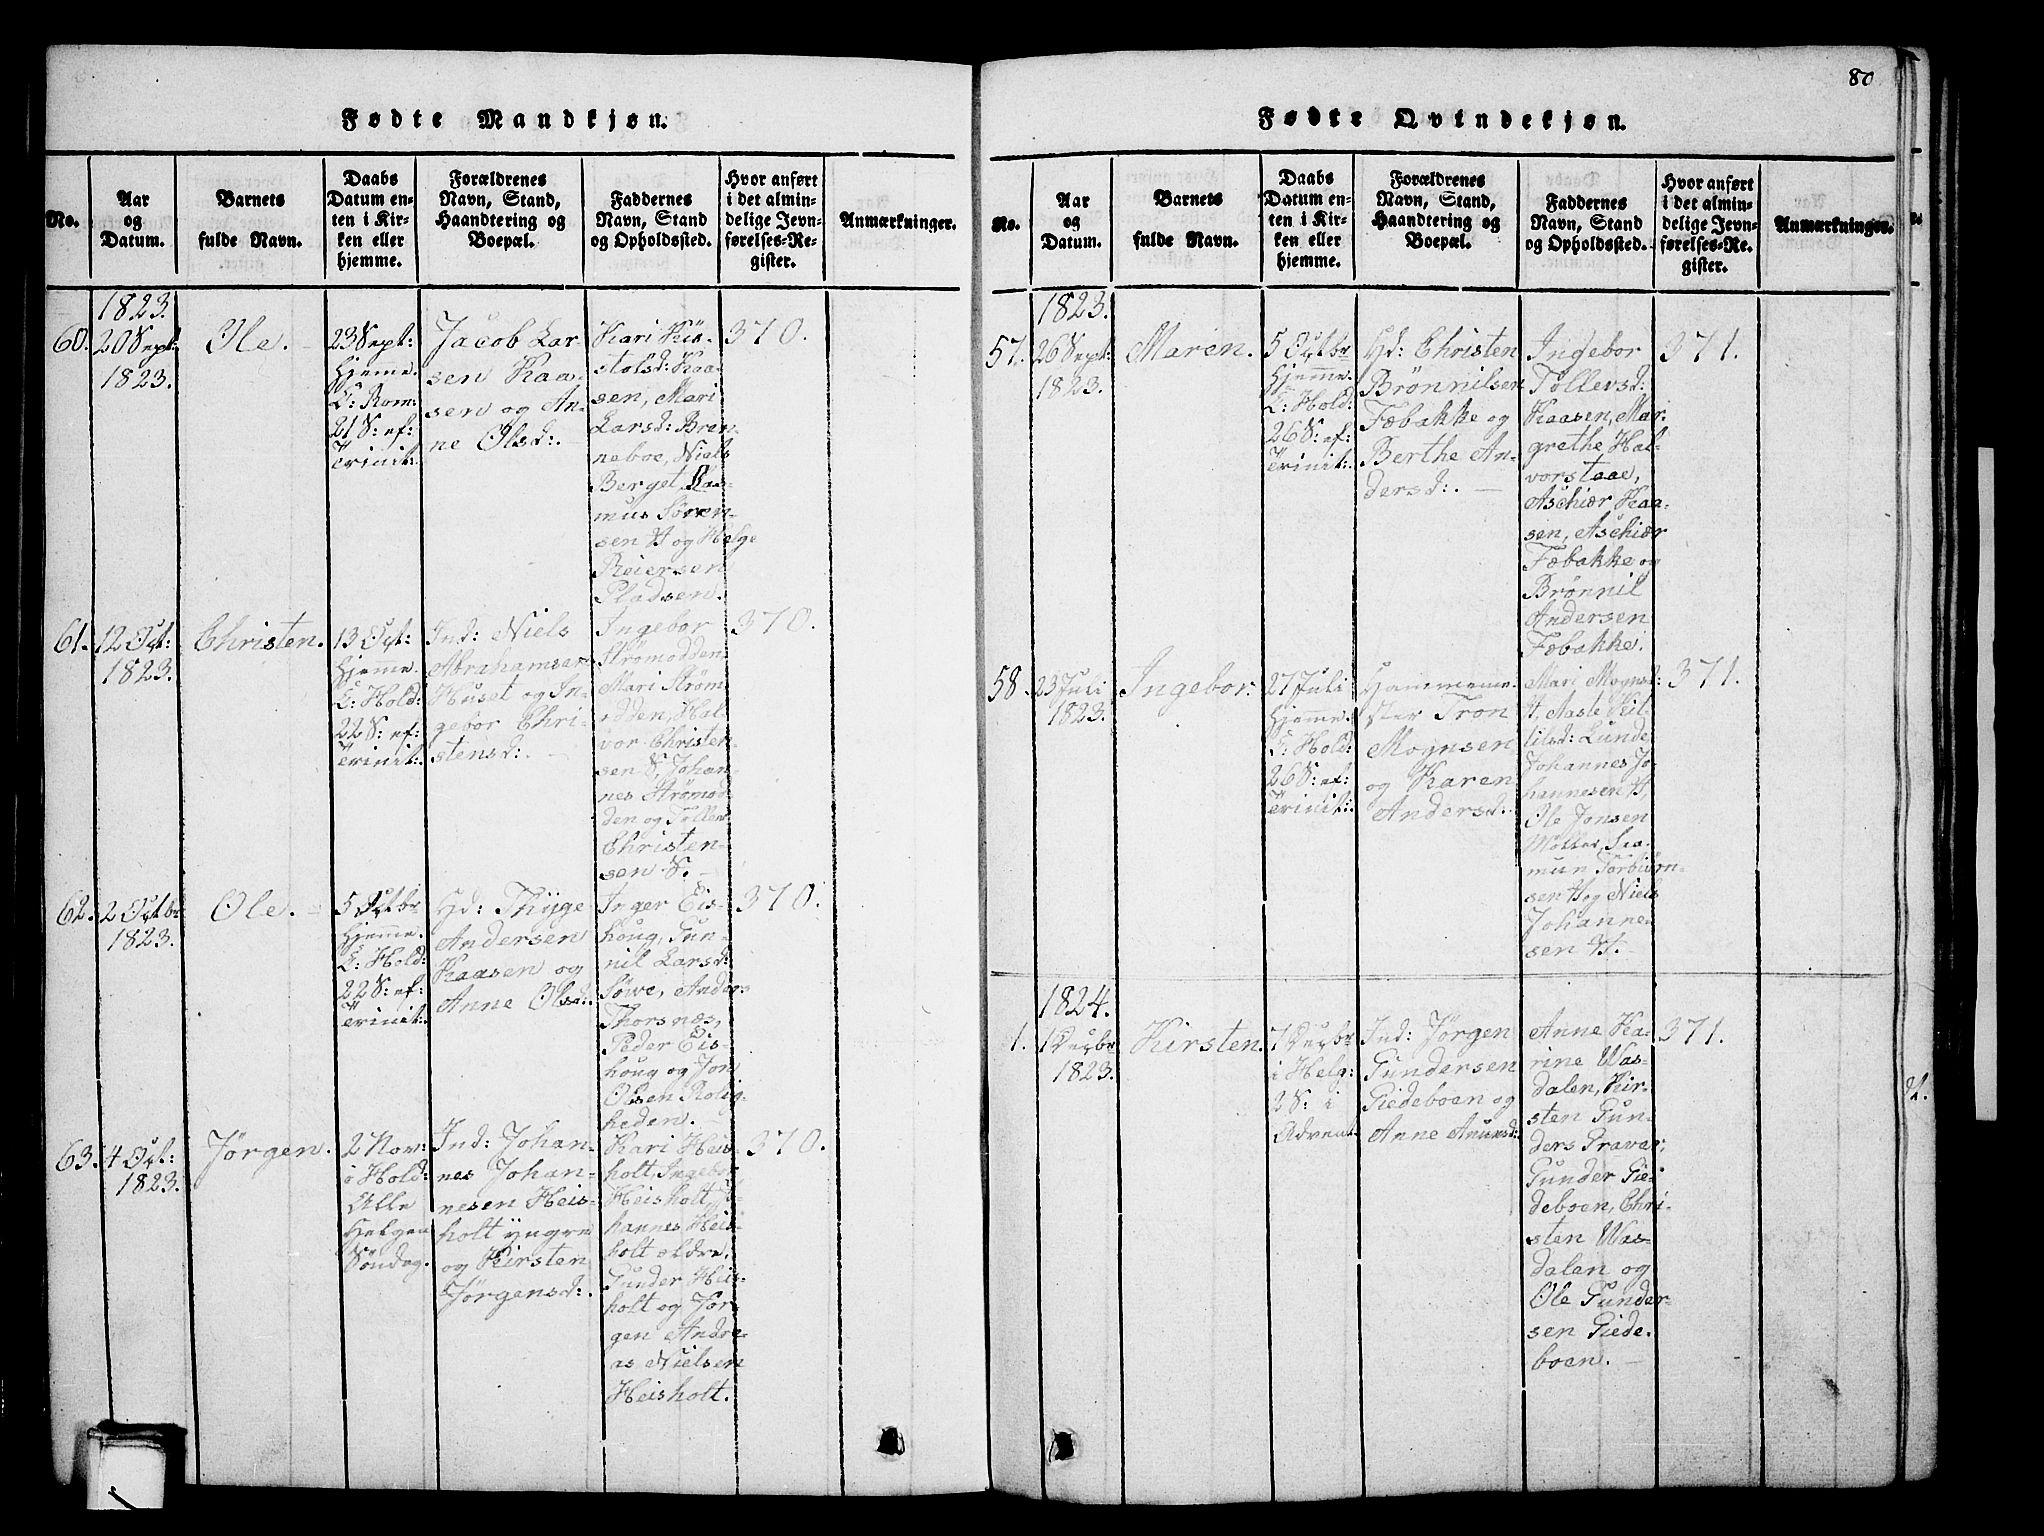 SAKO, Holla kirkebøker, G/Ga/L0001: Klokkerbok nr. I 1, 1814-1830, s. 80